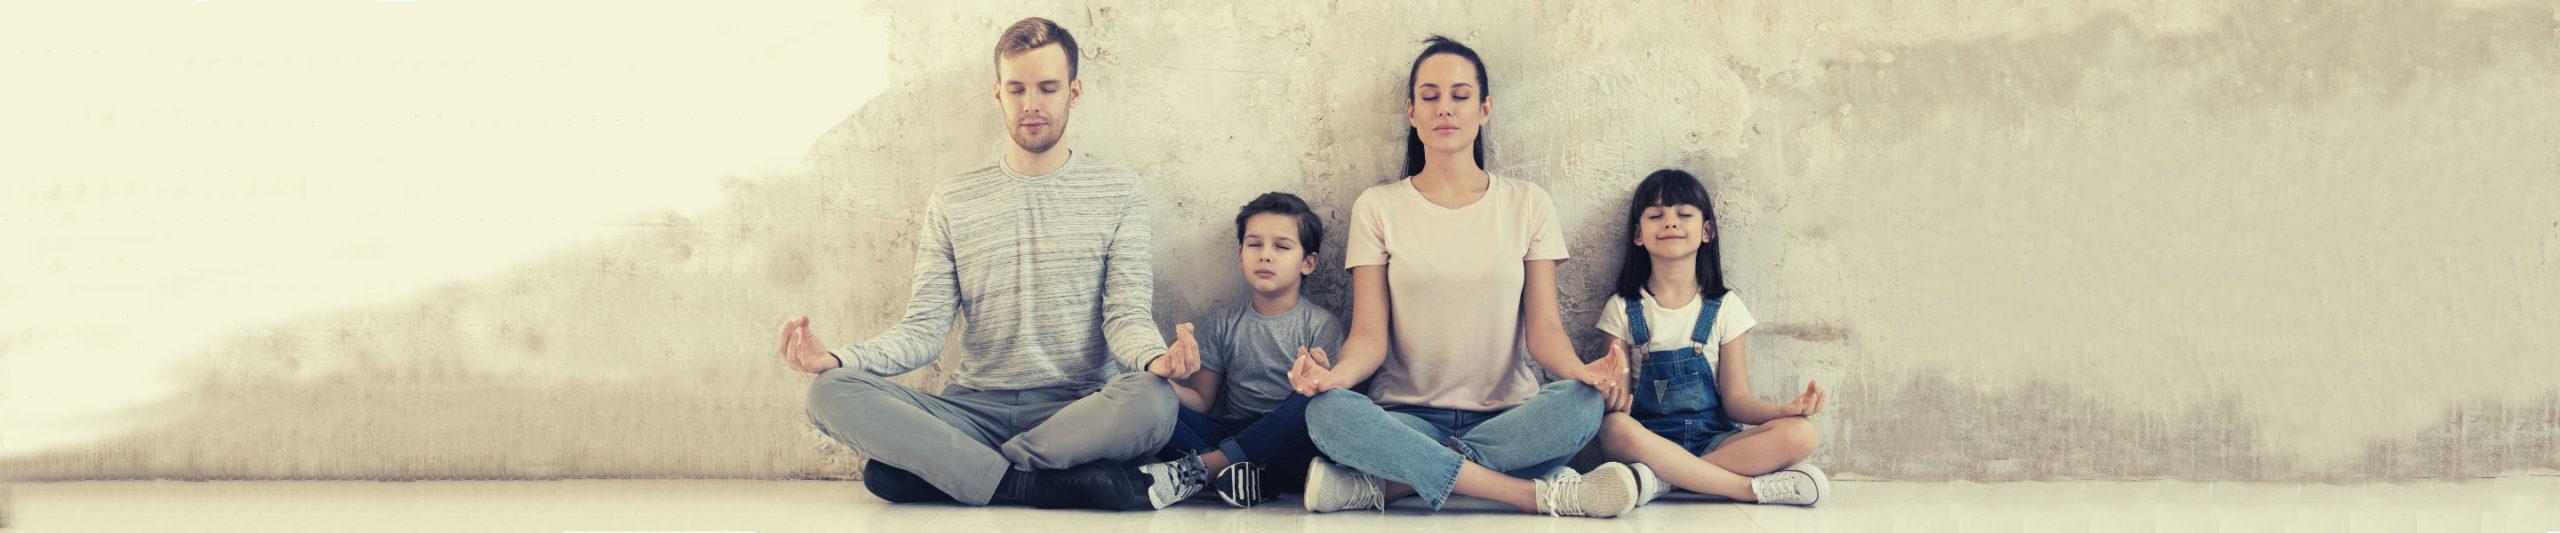 משפחה מתרגלת מיינדפולנס